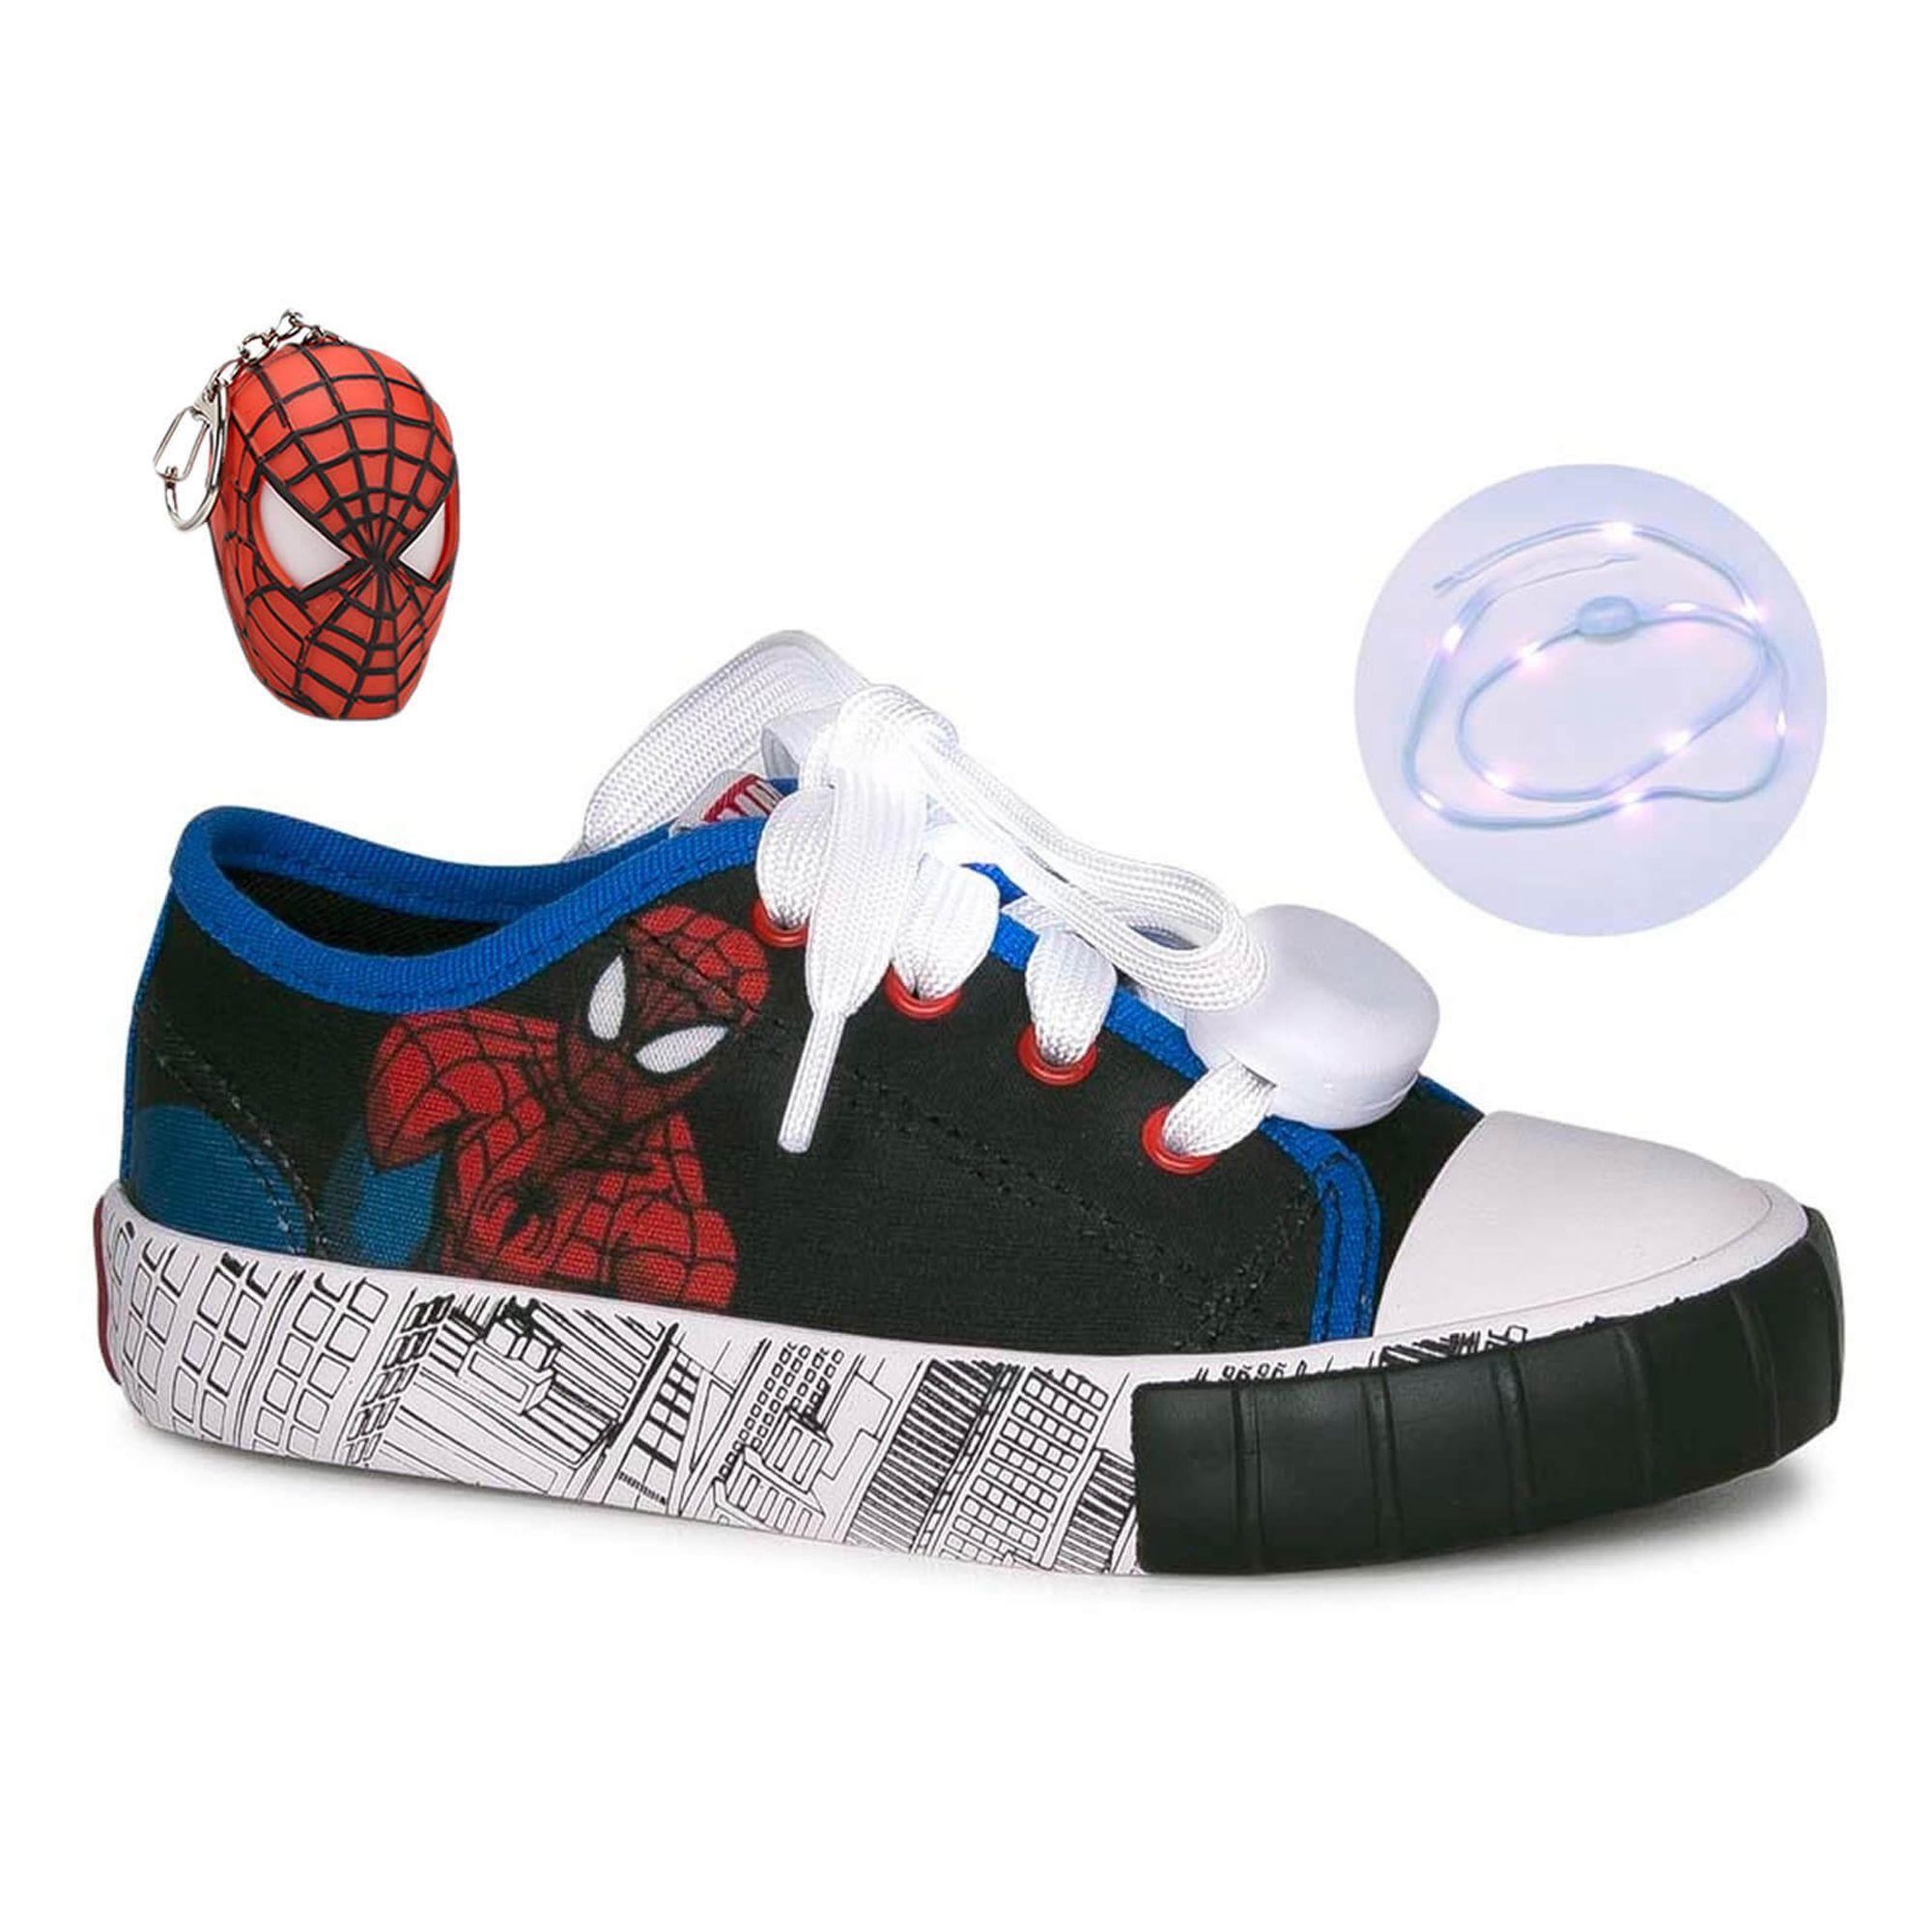 Tênis Infantil Homem-Aranha Marvel com Cadarço Luminoso - Diversão -  EcaMeleca d68ba8d3204c4